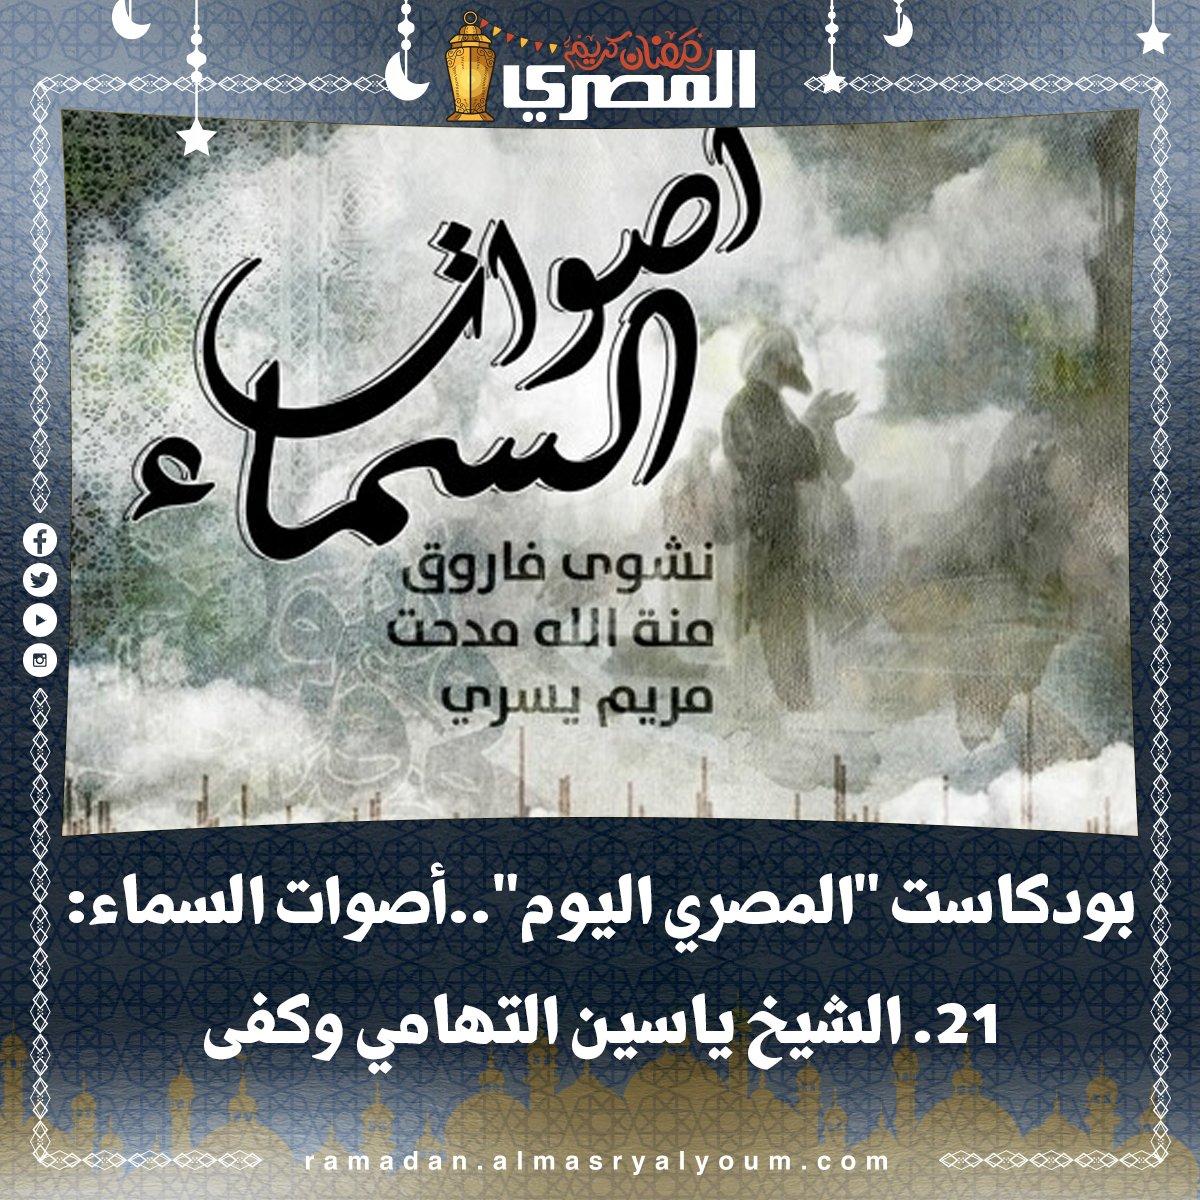 """بودكاست """"المصري اليوم""""..أصوات السماء 21. الشيخ ياسين التهامي وكفى"""